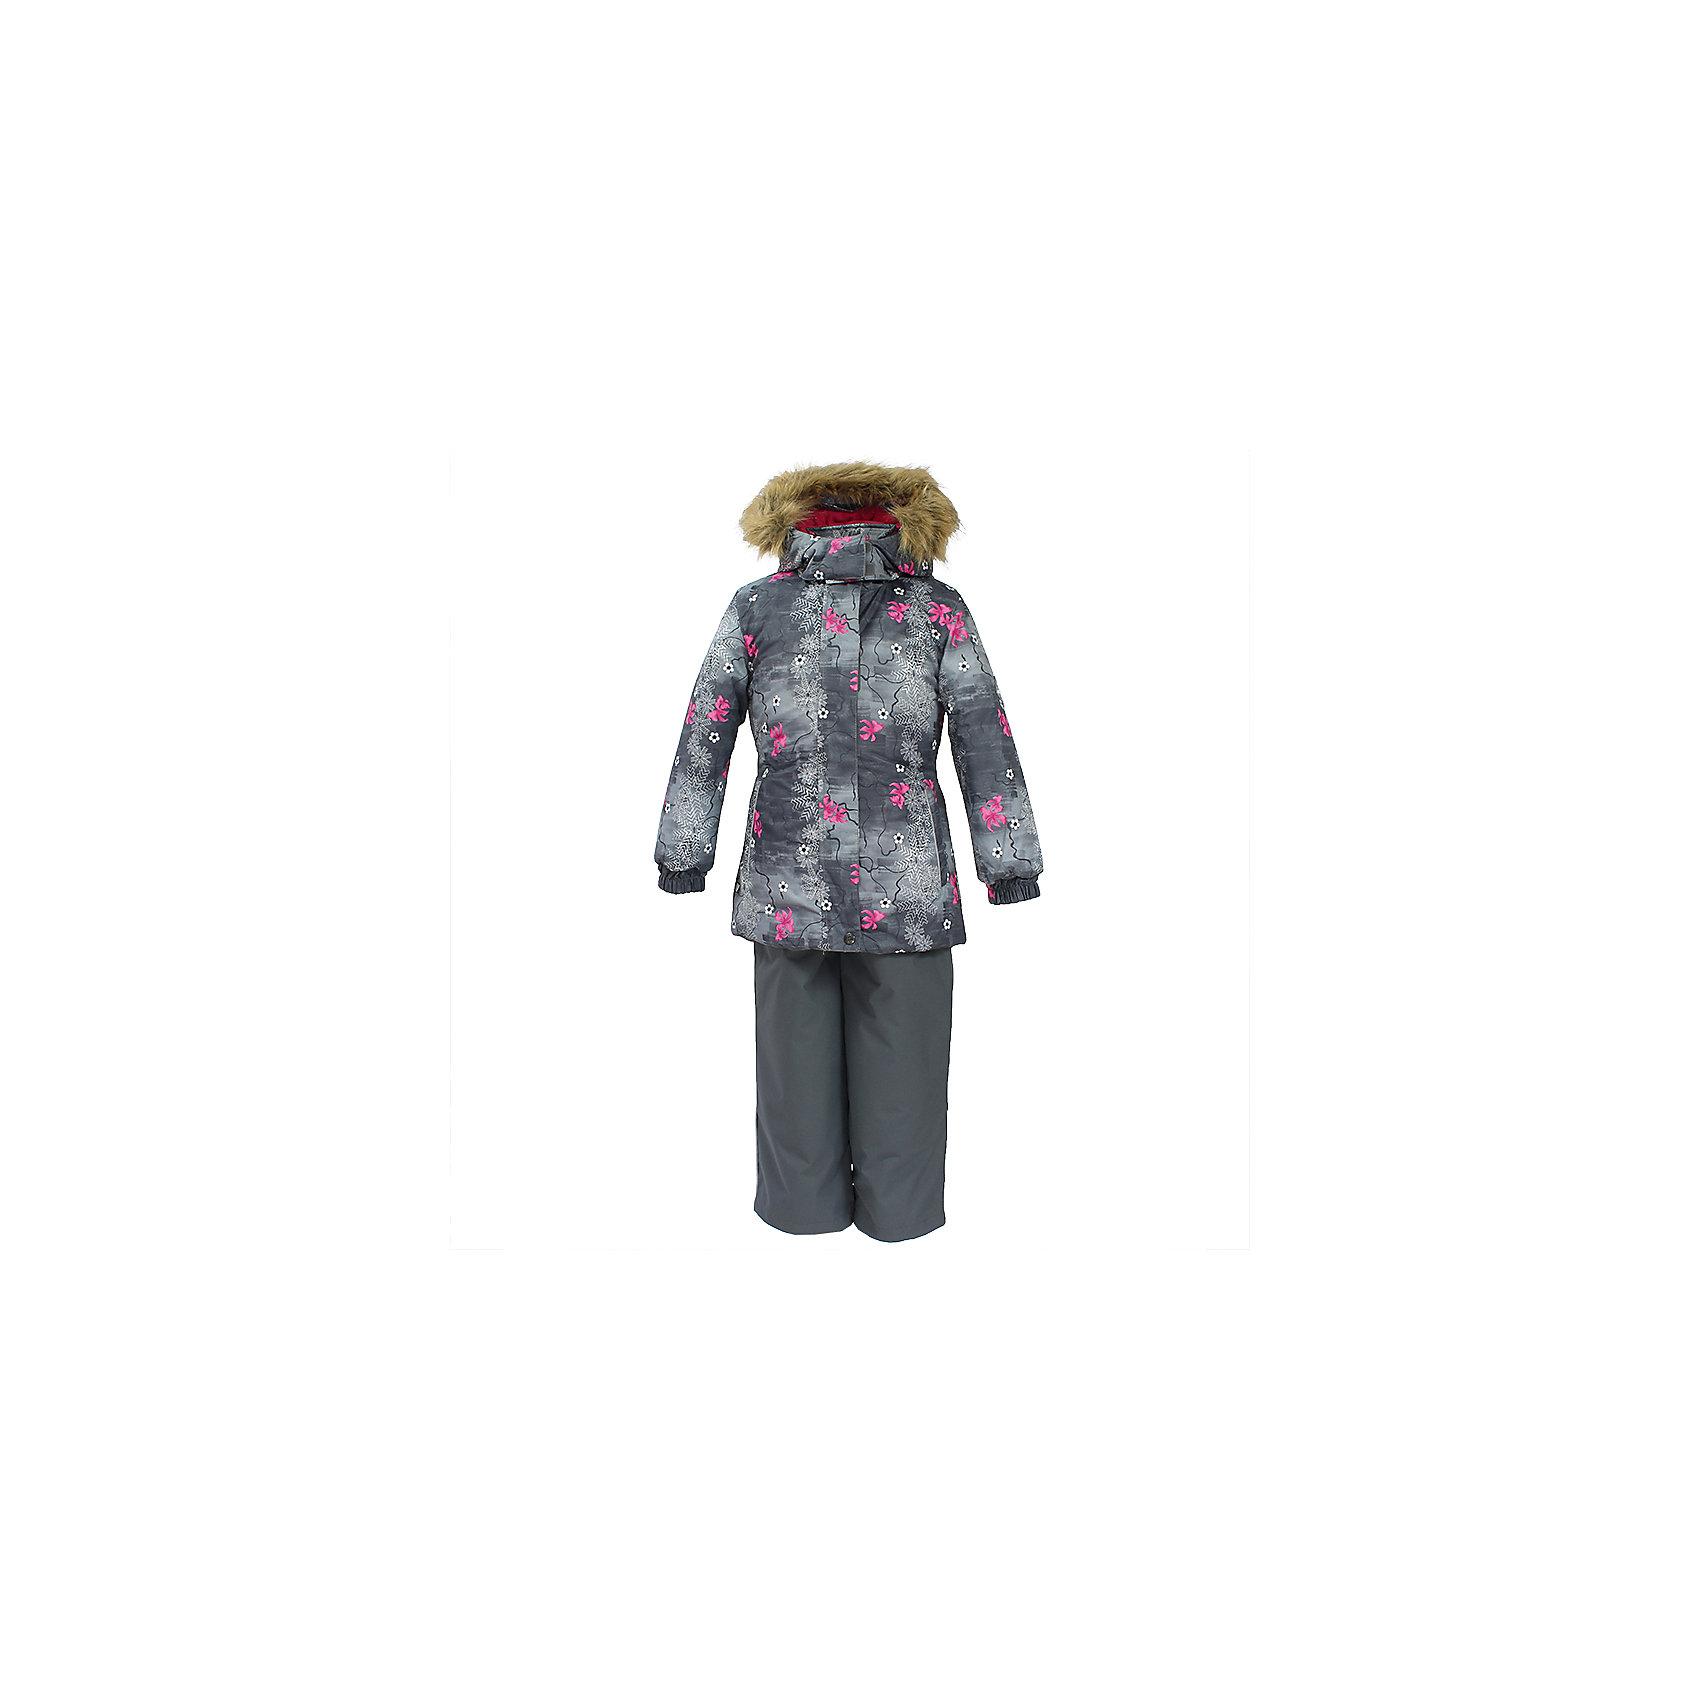 Комплект: куртка и брюки RENELY 1 Huppa для девочкиКомплекты<br>Характеристики товара:<br><br>• модель: Renely 1;<br>• цвет: серый принт/ серый;<br>• состав: 100% полиэстер;<br>• утеплитель: нового поколения HuppaTherm, 300/160гр;<br>• подкладка: полиэстер: тафта, pritex;<br>• сезон: зима;<br>• температурный режим: от -5 до - 30С;<br>• водонепроницаемость: куртка 5000 мм / брюки 10000 мм ;<br>• воздухопроницаемость: куртка 5000 / брюки 10000 г/м2/24 ч;<br>• влагоустойчивая и дышащая ткань верхнего слоя изделия;<br>• особенности модели: c рисунком; с мехом;<br>• плечевые швы и шаговый шов проклеены водостойкой лентой, для дополнительной защиты от протекания;<br>• мембрана препятствует прохождению воды и ветра сквозь ткань внутрь изделия, позволяя испаряться выделяемой телом, образовывающейся внутри влаге;<br>• в куртке застежка молния, прикрыта планкой;<br>• модель приталенная, сзади встроена резинка в области талии;<br>• воротник стойка и дополнительная липучка на капюшоне хорошо закрывают область шеи;<br>• низ куртки стягивается кулиской, что помогает предотвращать попадание снега внутрь;<br>• эластичные подтяжки регулируются по длине;<br>• форма брючин прямая, внутри дополнительная штанина на резинке, предотвращает попадание снега внутрь;<br>• низ брюк затягивается на шнурок с фиксатором;<br>• капюшон при необходимости отстегивается;<br>• искусственный мех на капюшоне съемный ;<br>• светоотражающих элементов для безопасности ребенка ;<br>• все карманы застегиваются на молнию;<br>• манжеты рукавов на резинке; <br>• страна бренда: Финляндия;<br>• страна изготовитель: Эстония.<br><br>Зимний комплект Renely HUPPA  водо воздухонепроницаемый. Утеплитель HuppaTherm - высокотехнологичный легкий синтетический утеплитель нового поколения. Сохраняет объем и высокую теплоизоляцию изделия. Легко стирается и быстро сохнет. <br><br>Изделия HuppaTherm легкие по весу, комфортные и теплые.Мембрана препятствует прохождению воды и ветра сквозь ткань внутрь изделия, позволяя испарятьс